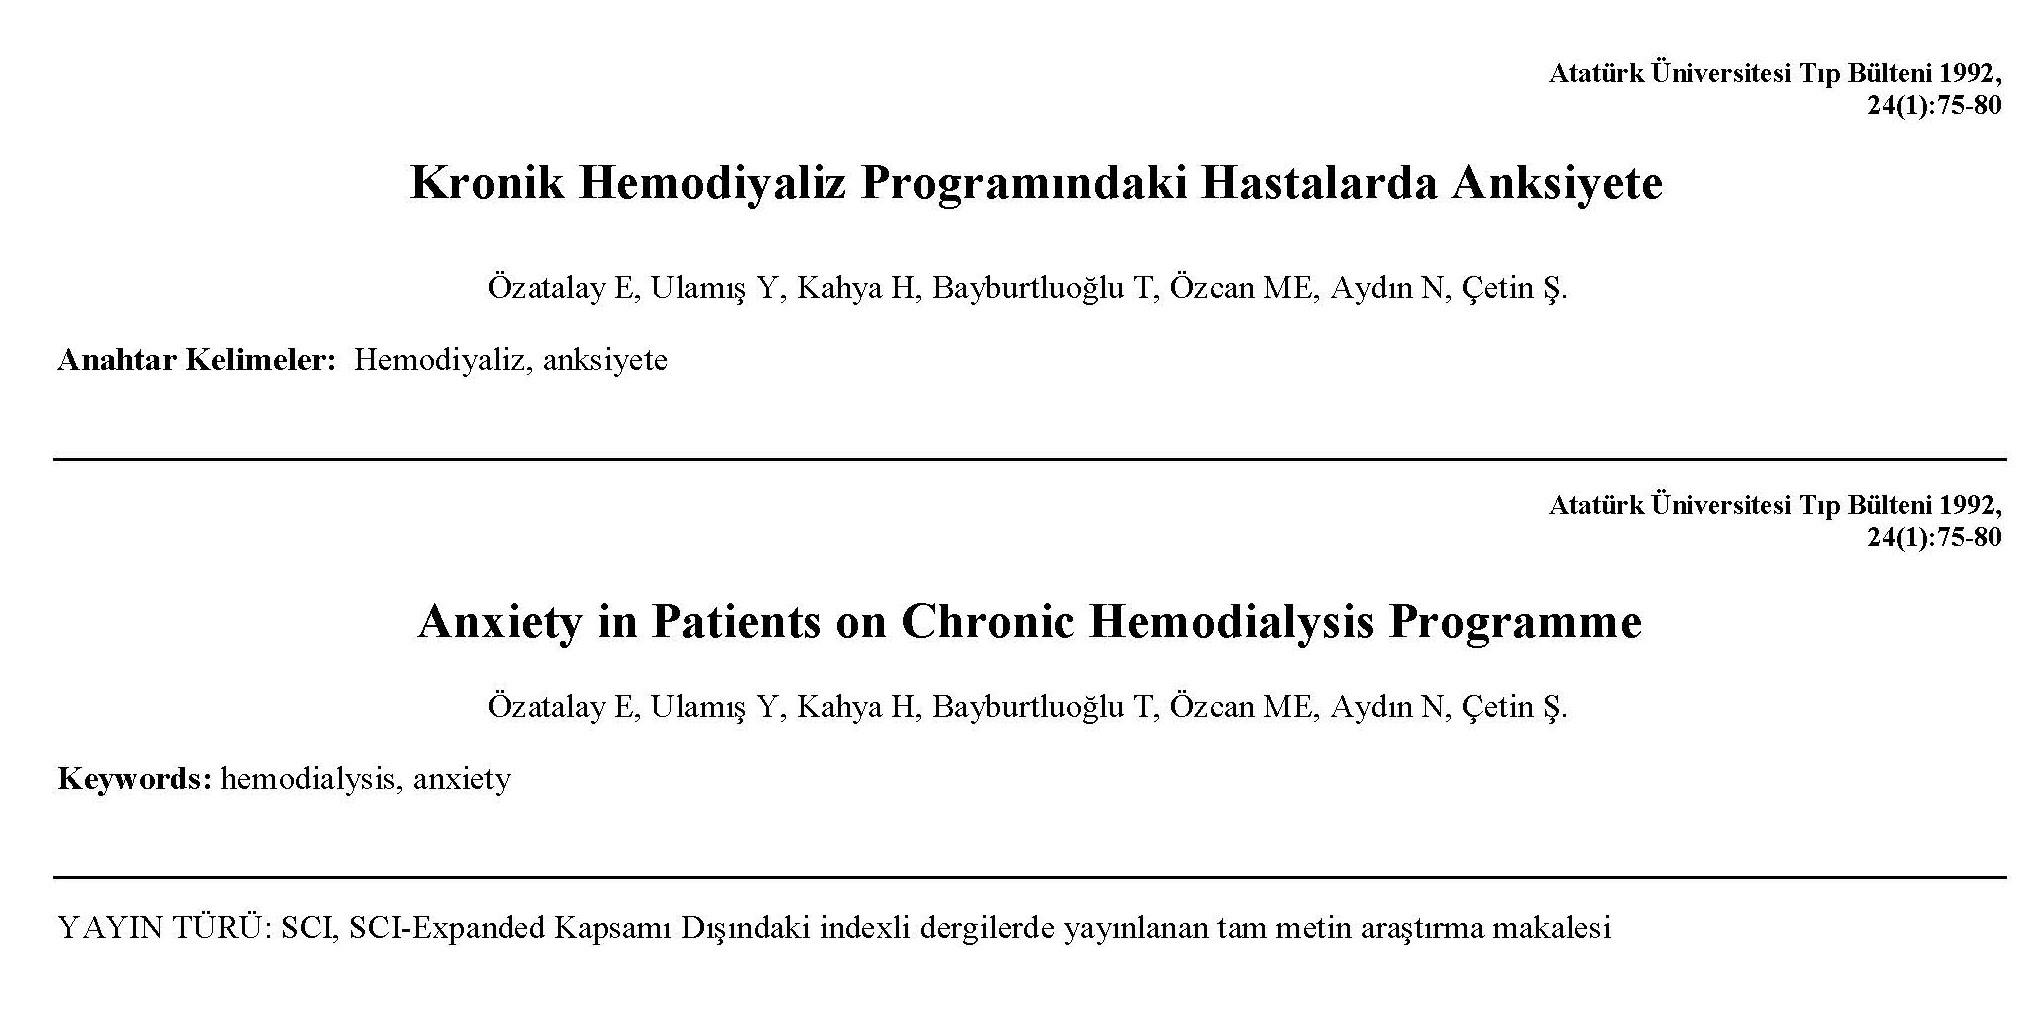 Kronik Hemodiyaliz Programındaki Hastalarda Anksiyete